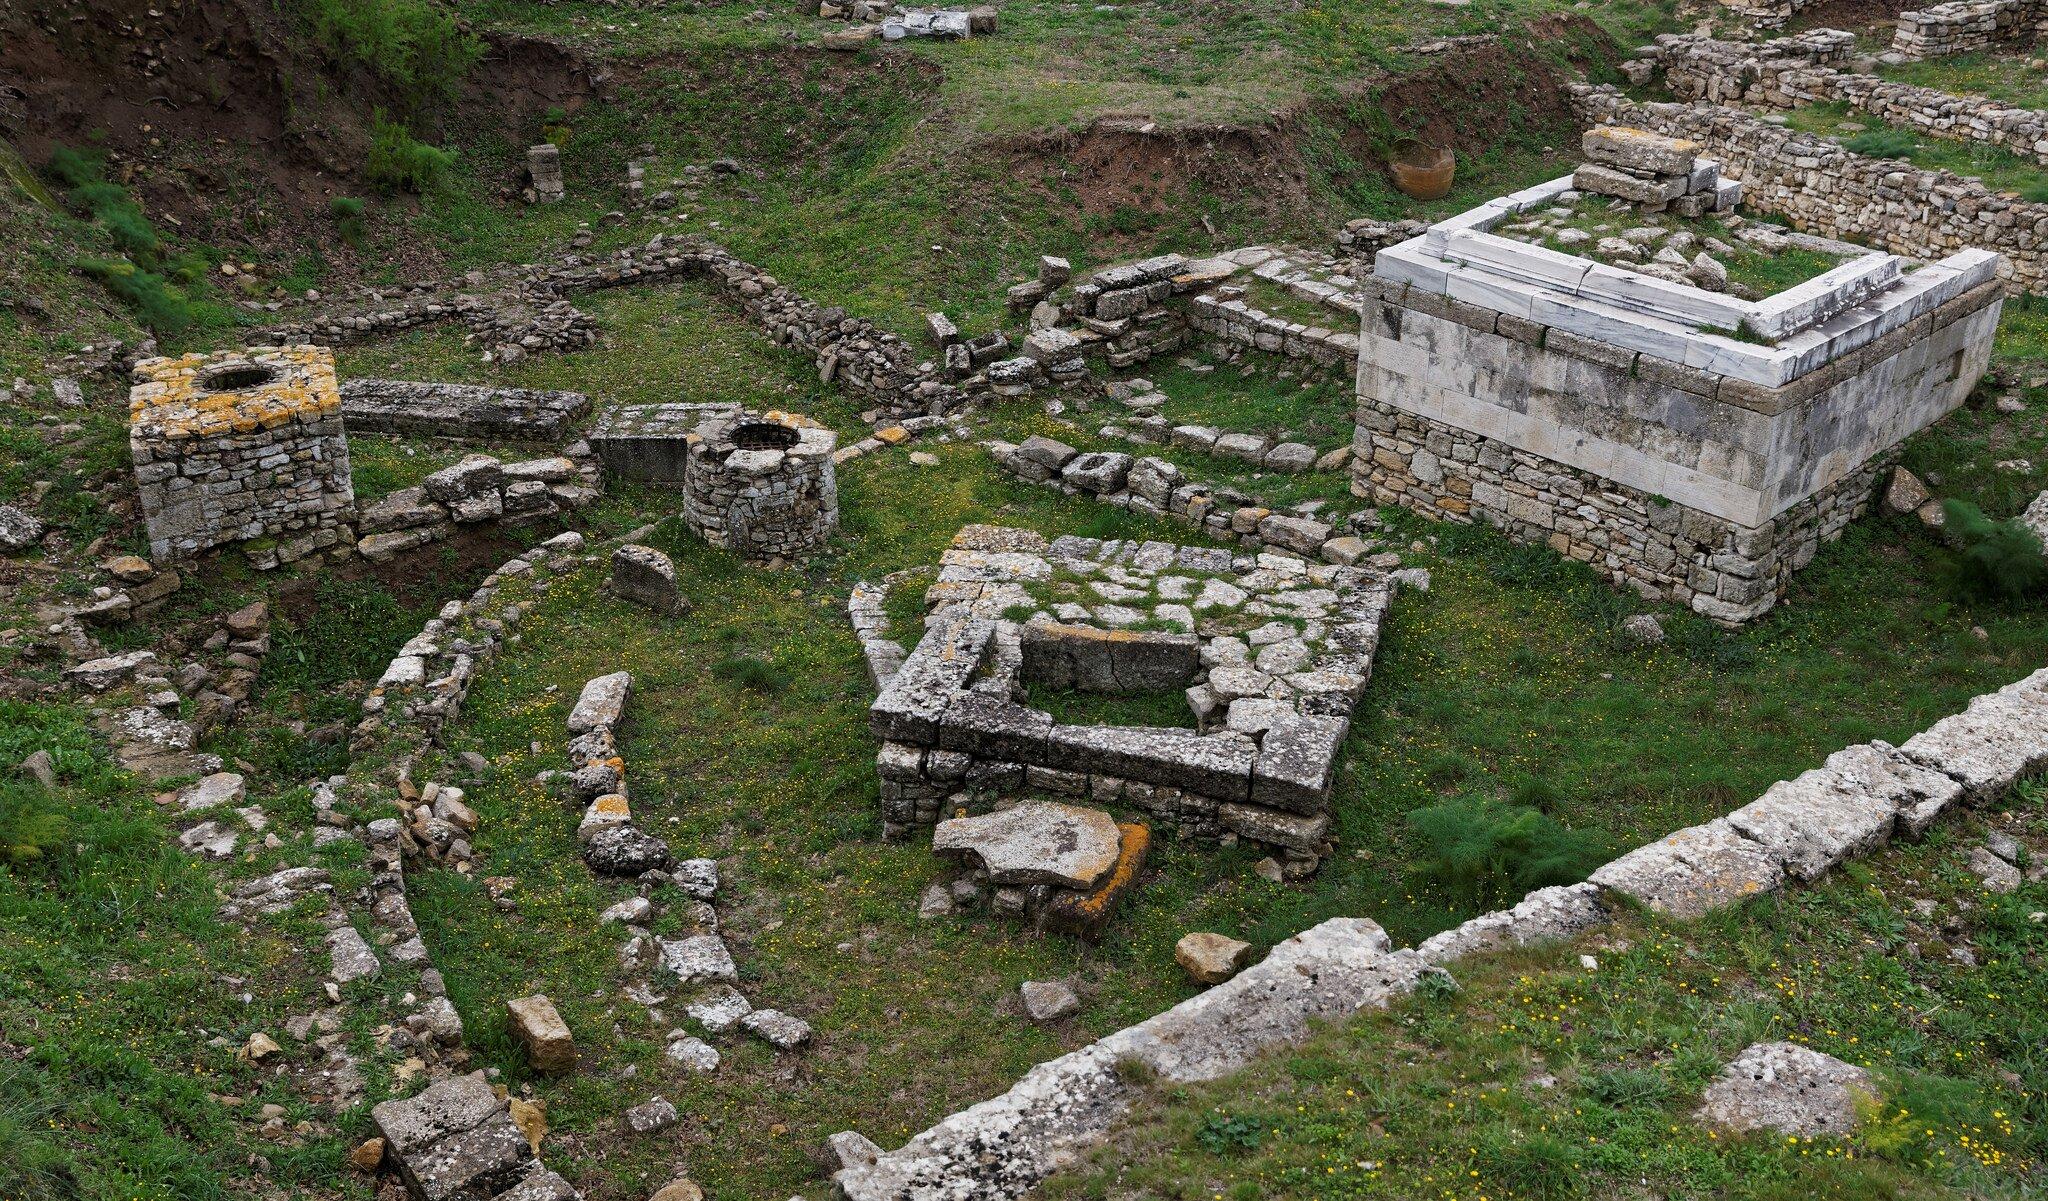 Mury obronne dawnej Troi Starożytna Troja leży naterenie dzisiejszej Turcji. Archeolodzy próbują odtworzyć wygląd miasta zczasów wojny opiękną Helenę. Źródło: Viktor Karppinen, Mury obronne dawnej Troi, fotografia barwna, licencja: CC BY-NC-ND 2.0.